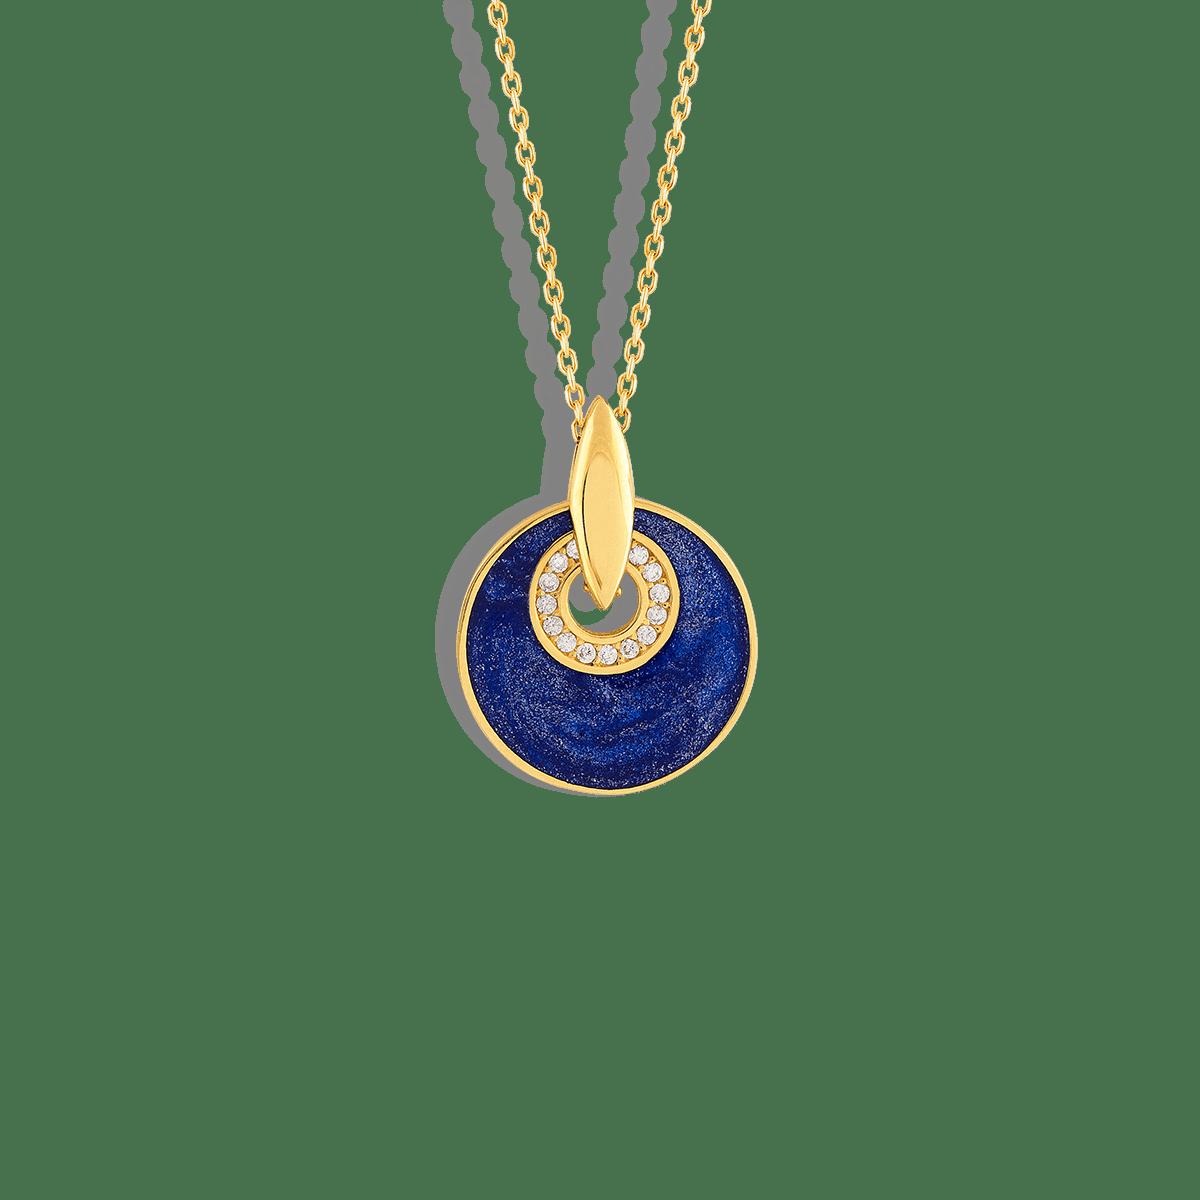 گردنبند طلا دایره راما